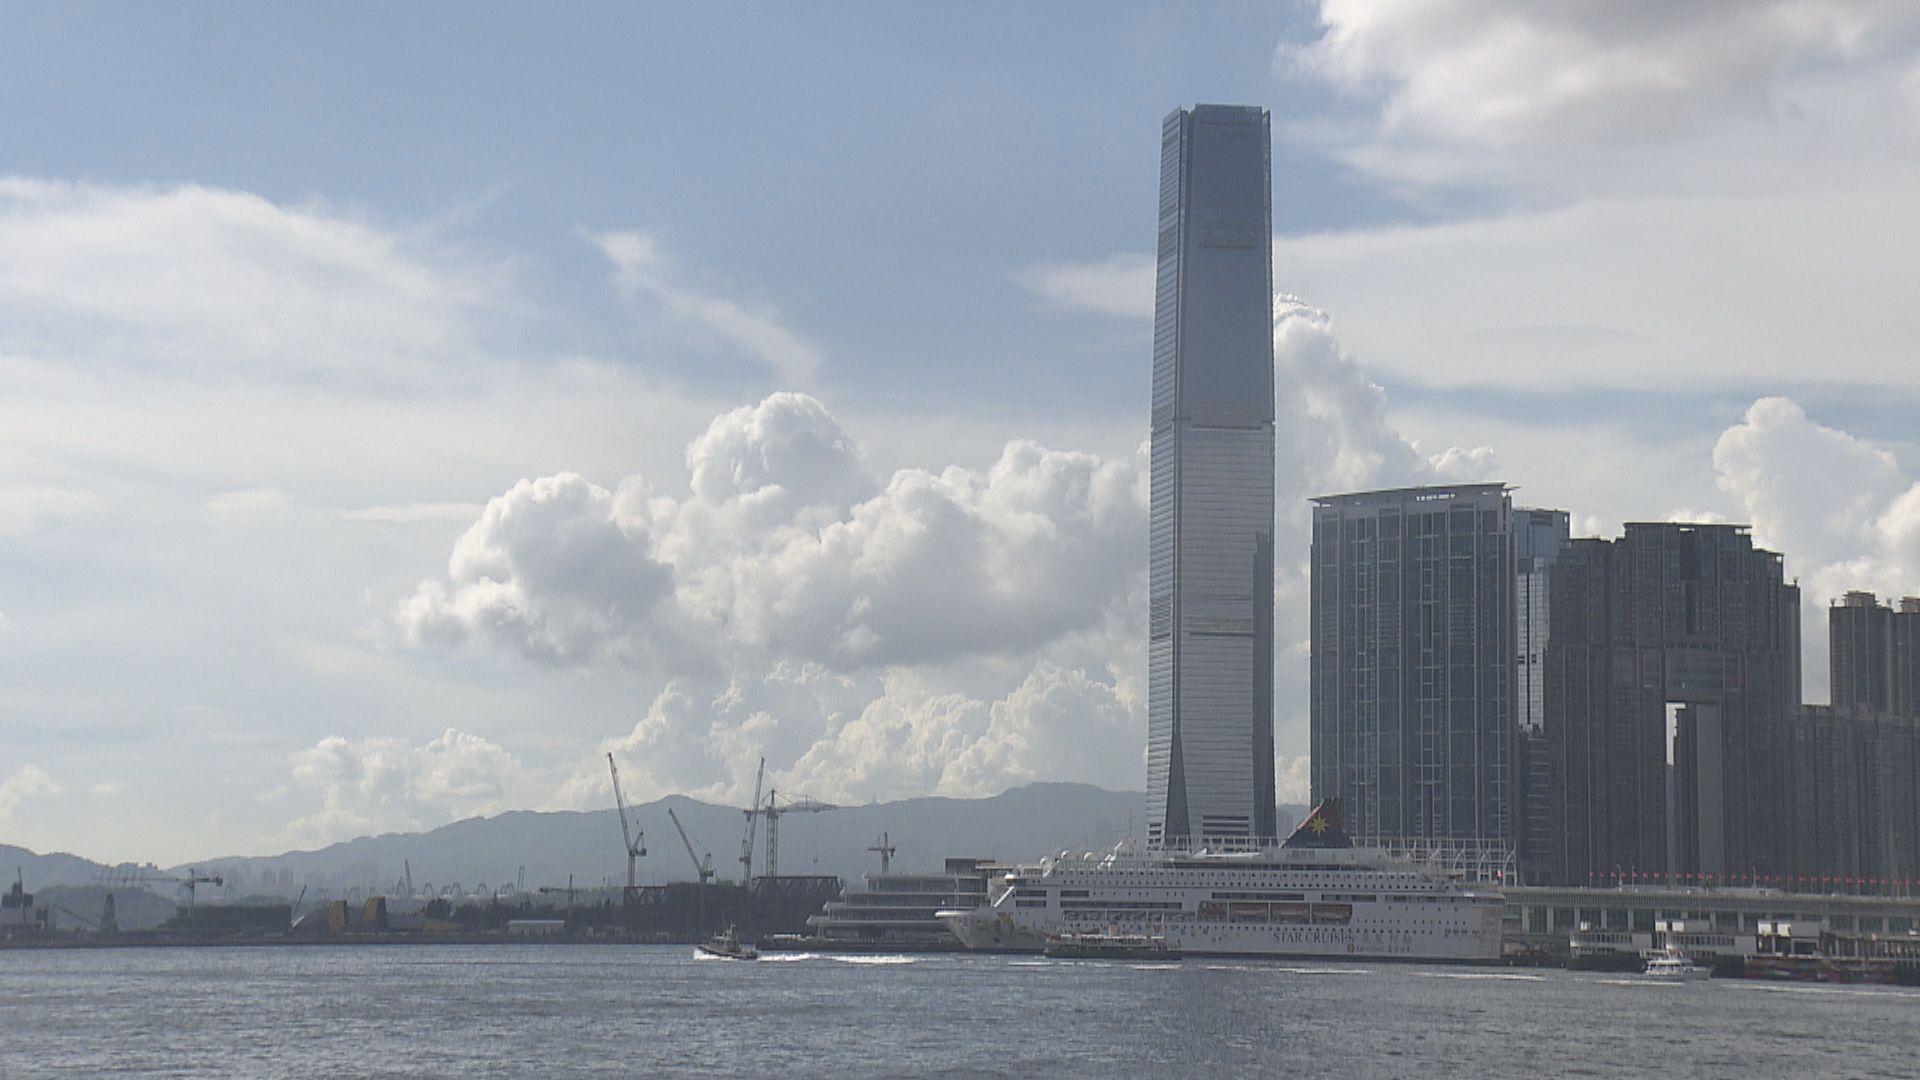 陳茂波:下半年環球經濟有望加強復甦